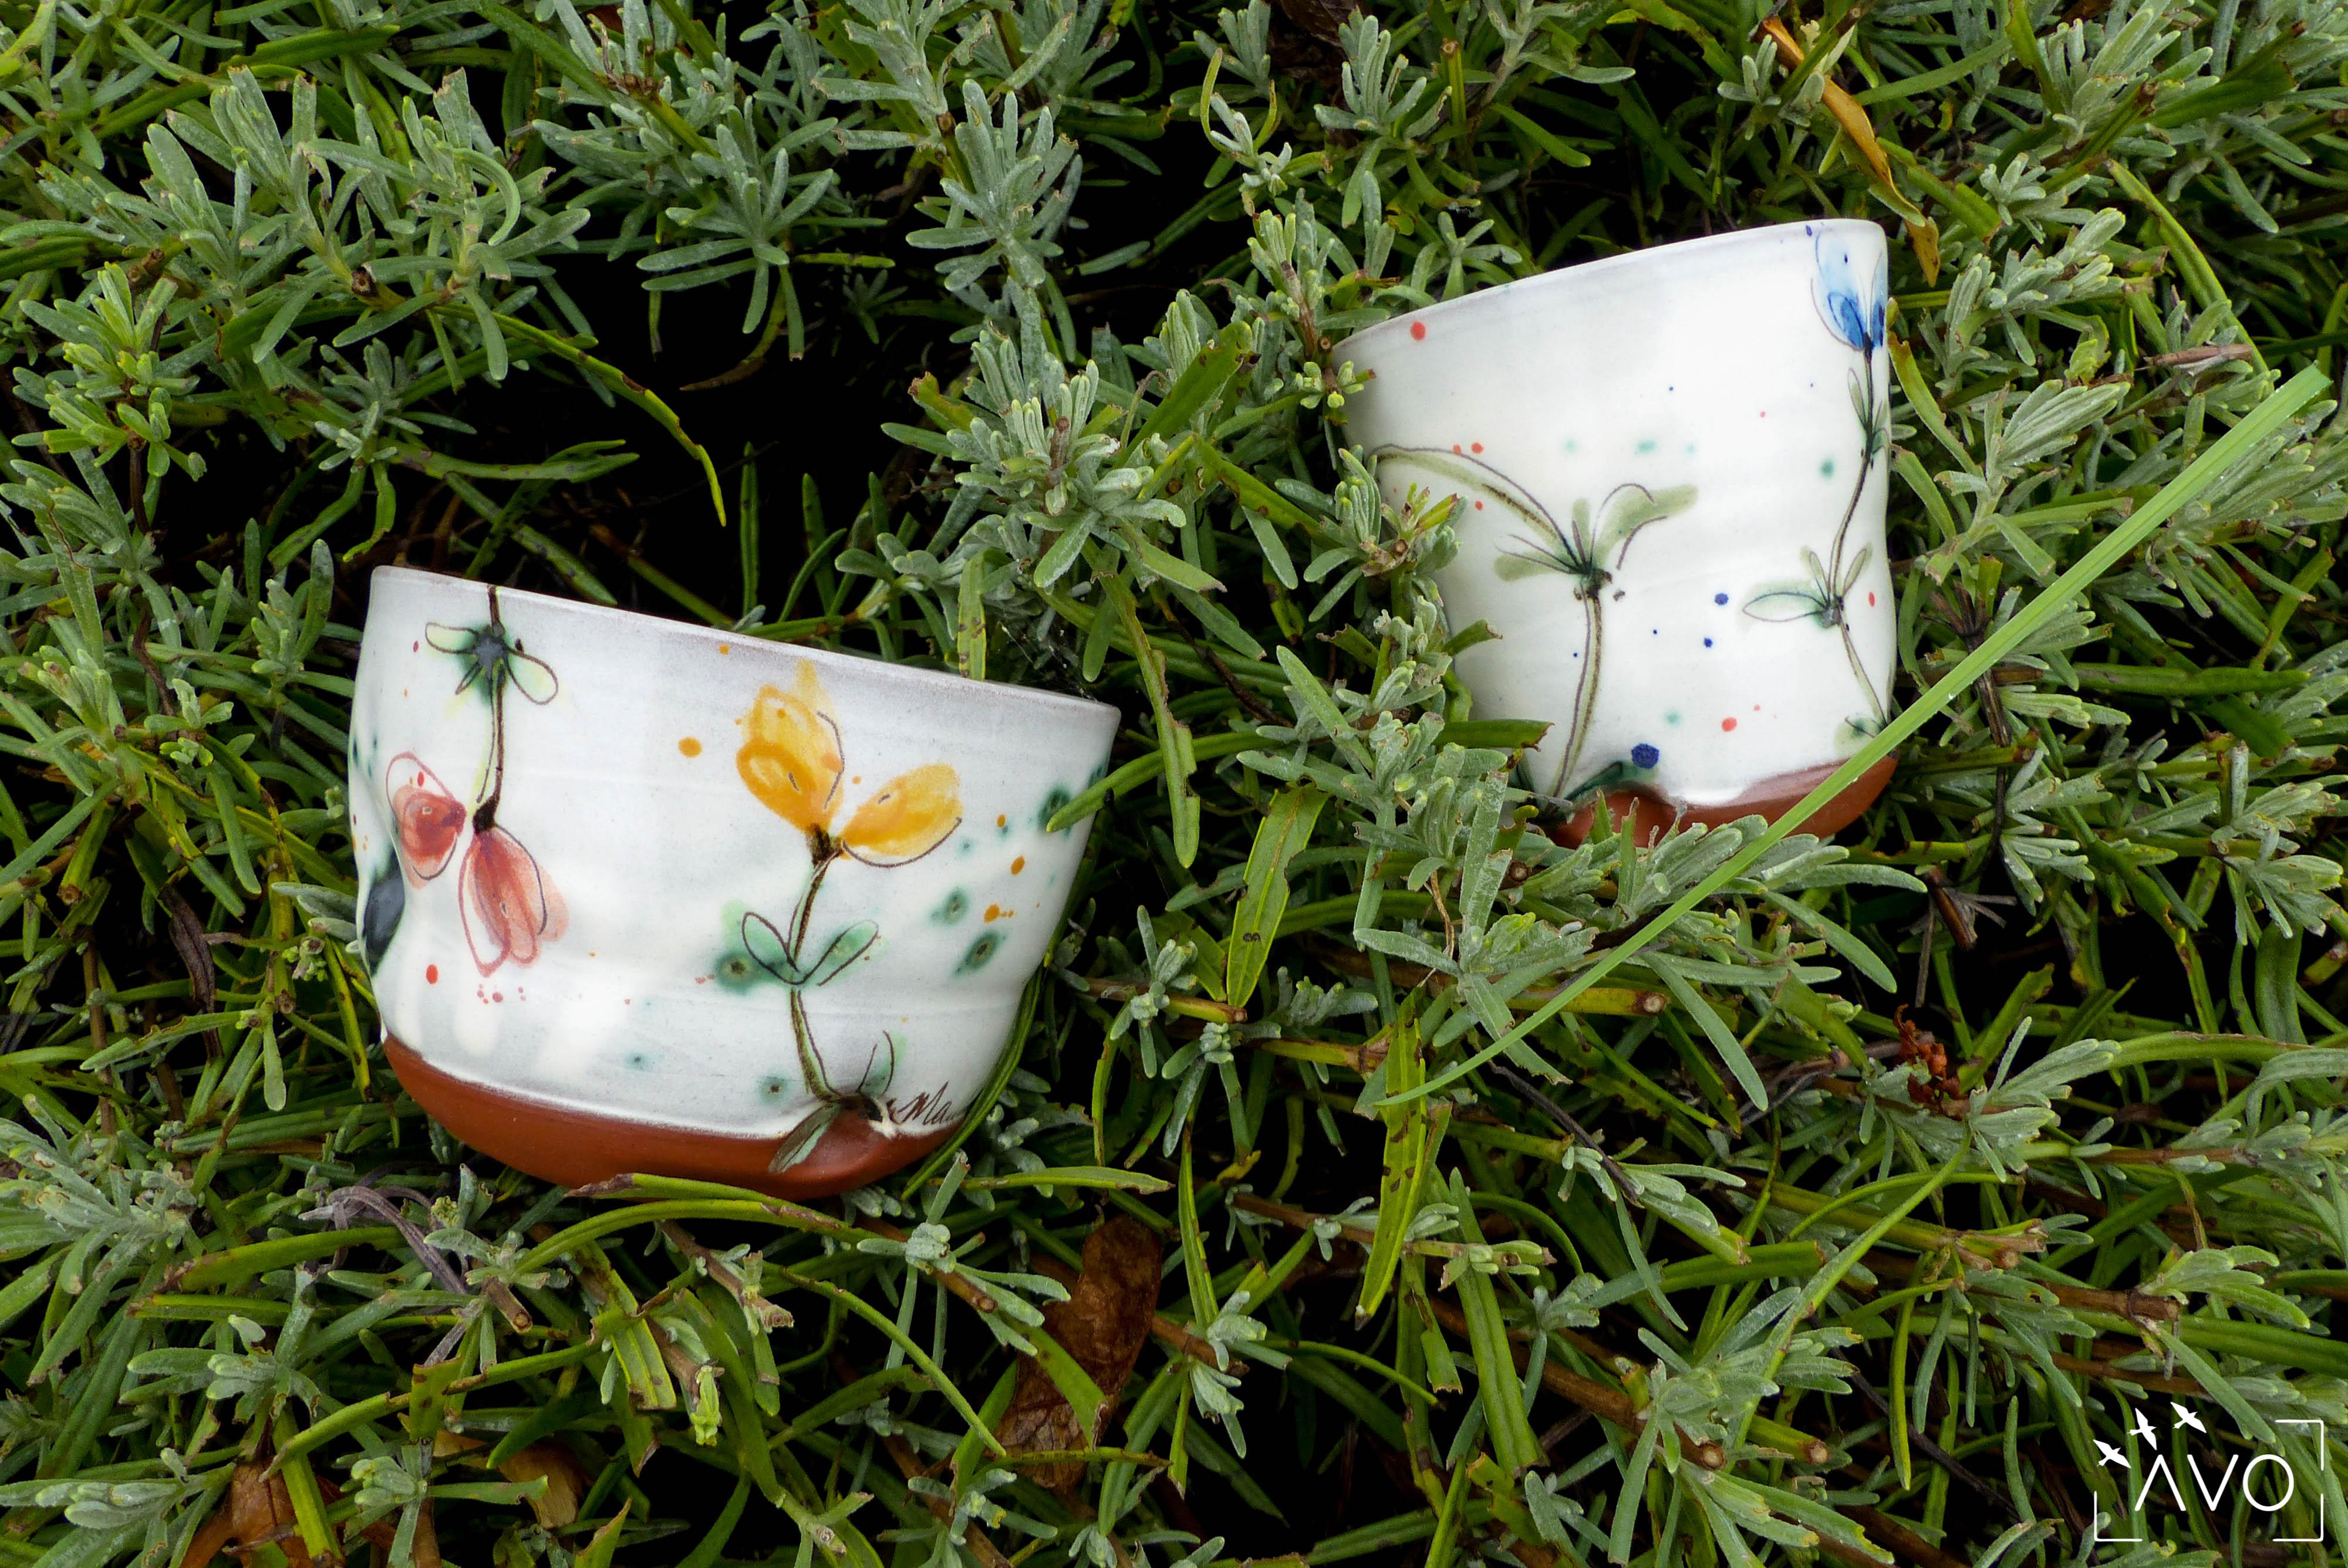 marina-leflon-courzieu-atelier-gres-faience-fleurs-terre-avo-avoldooiseau-ceramiques-art-de-la-table-atelier-poterie